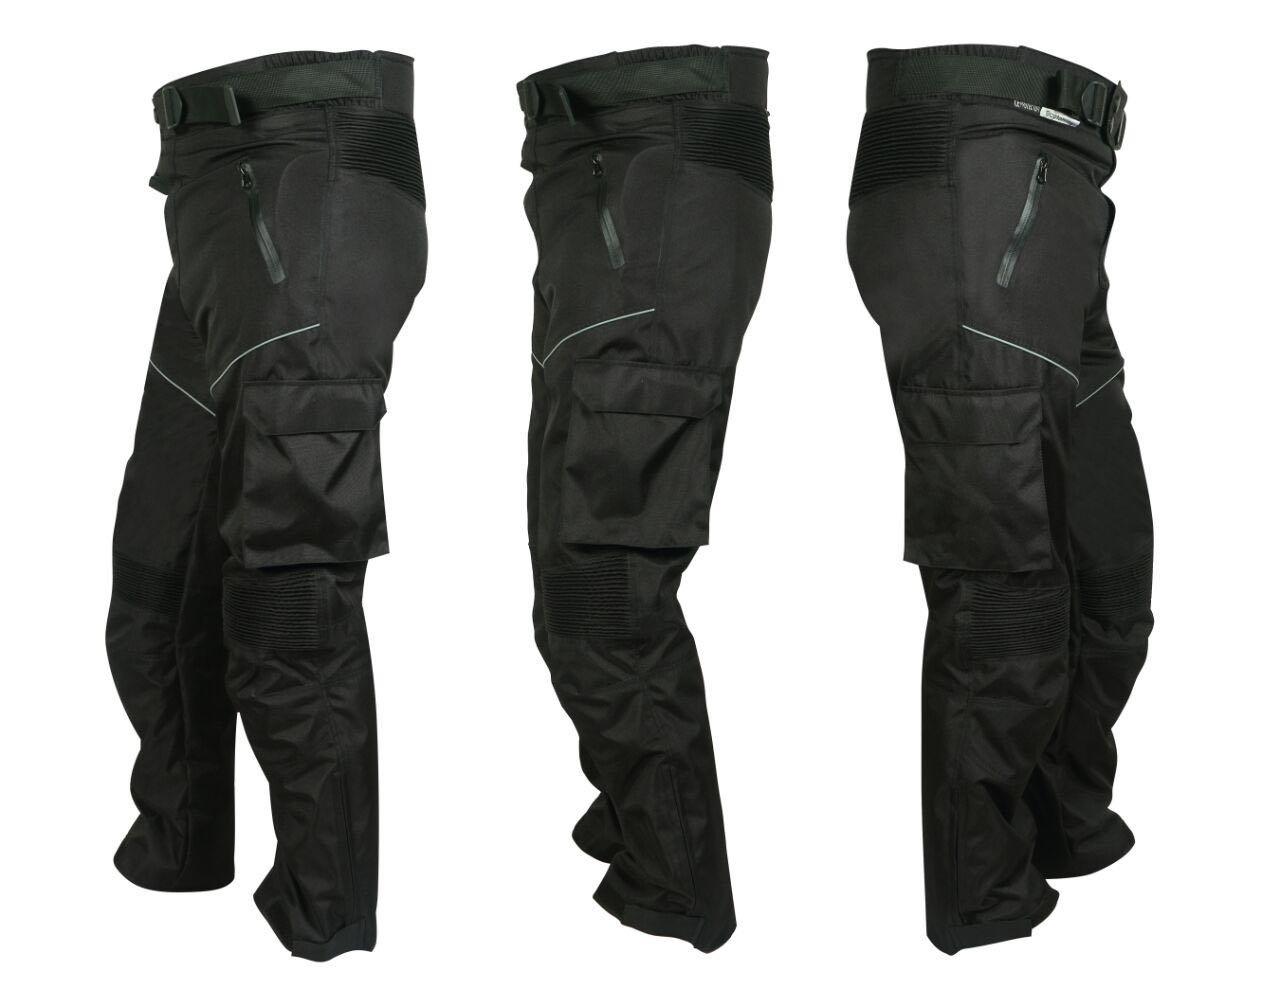 Mens Motorcycle Motorbike Waterproof CE Armoured cordura Fabric Textile Trouser Pants Black (36, Black) Swiftwears S-75